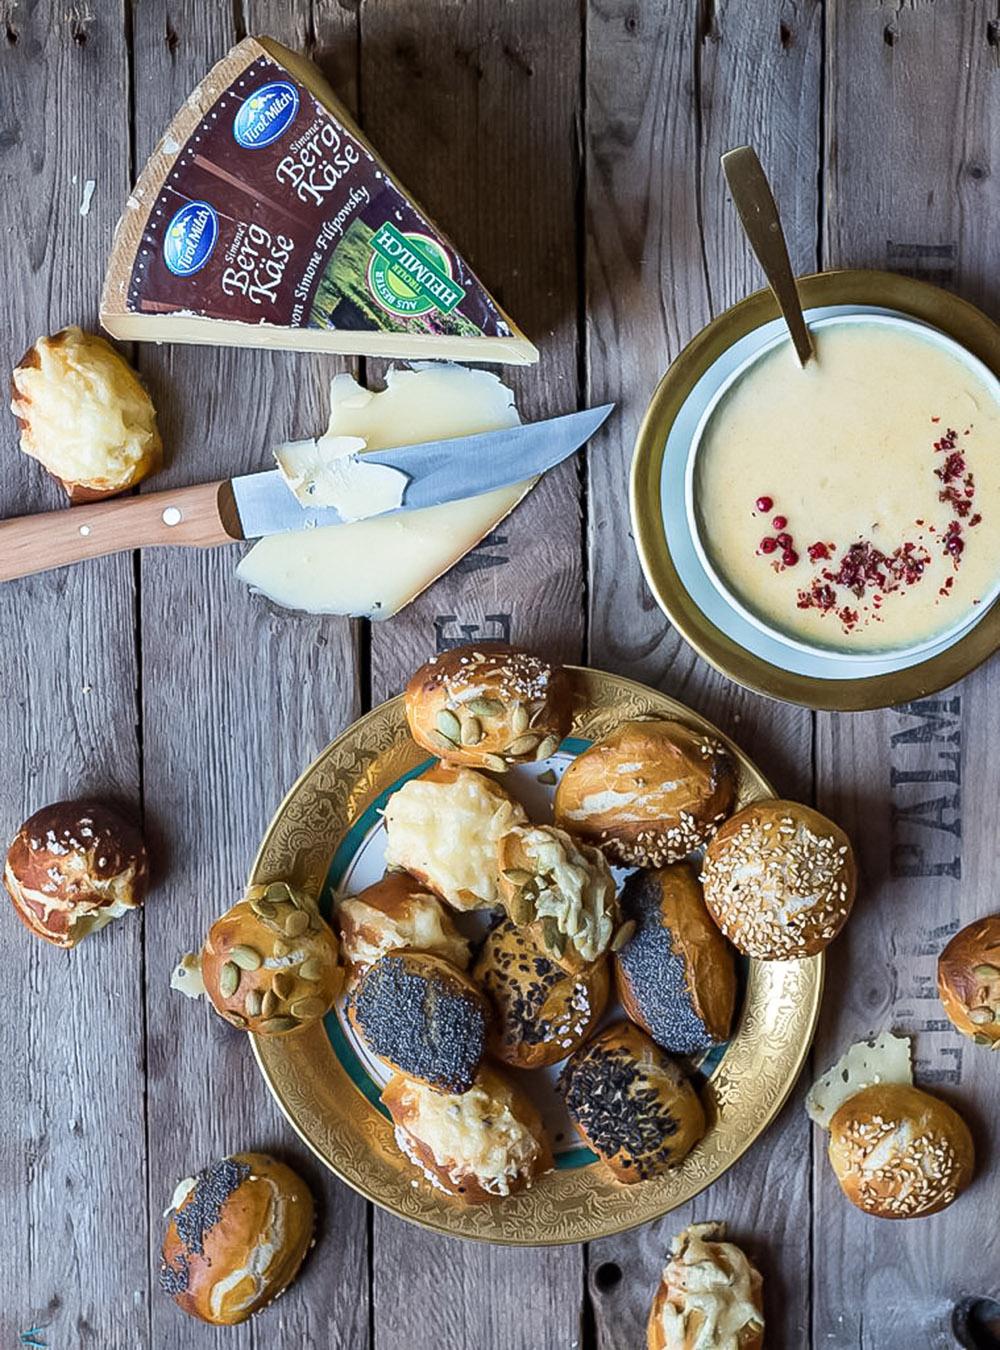 Tiroler Bergkäse und Laugenkonfekt und meine Reise zum Käsekaiser in Österreich. Fixes Laugengebäck mit Bergkäse, Sesam und Mohn und Käsedip #bergkäse #laugengebäck #rezept #bretzelbites